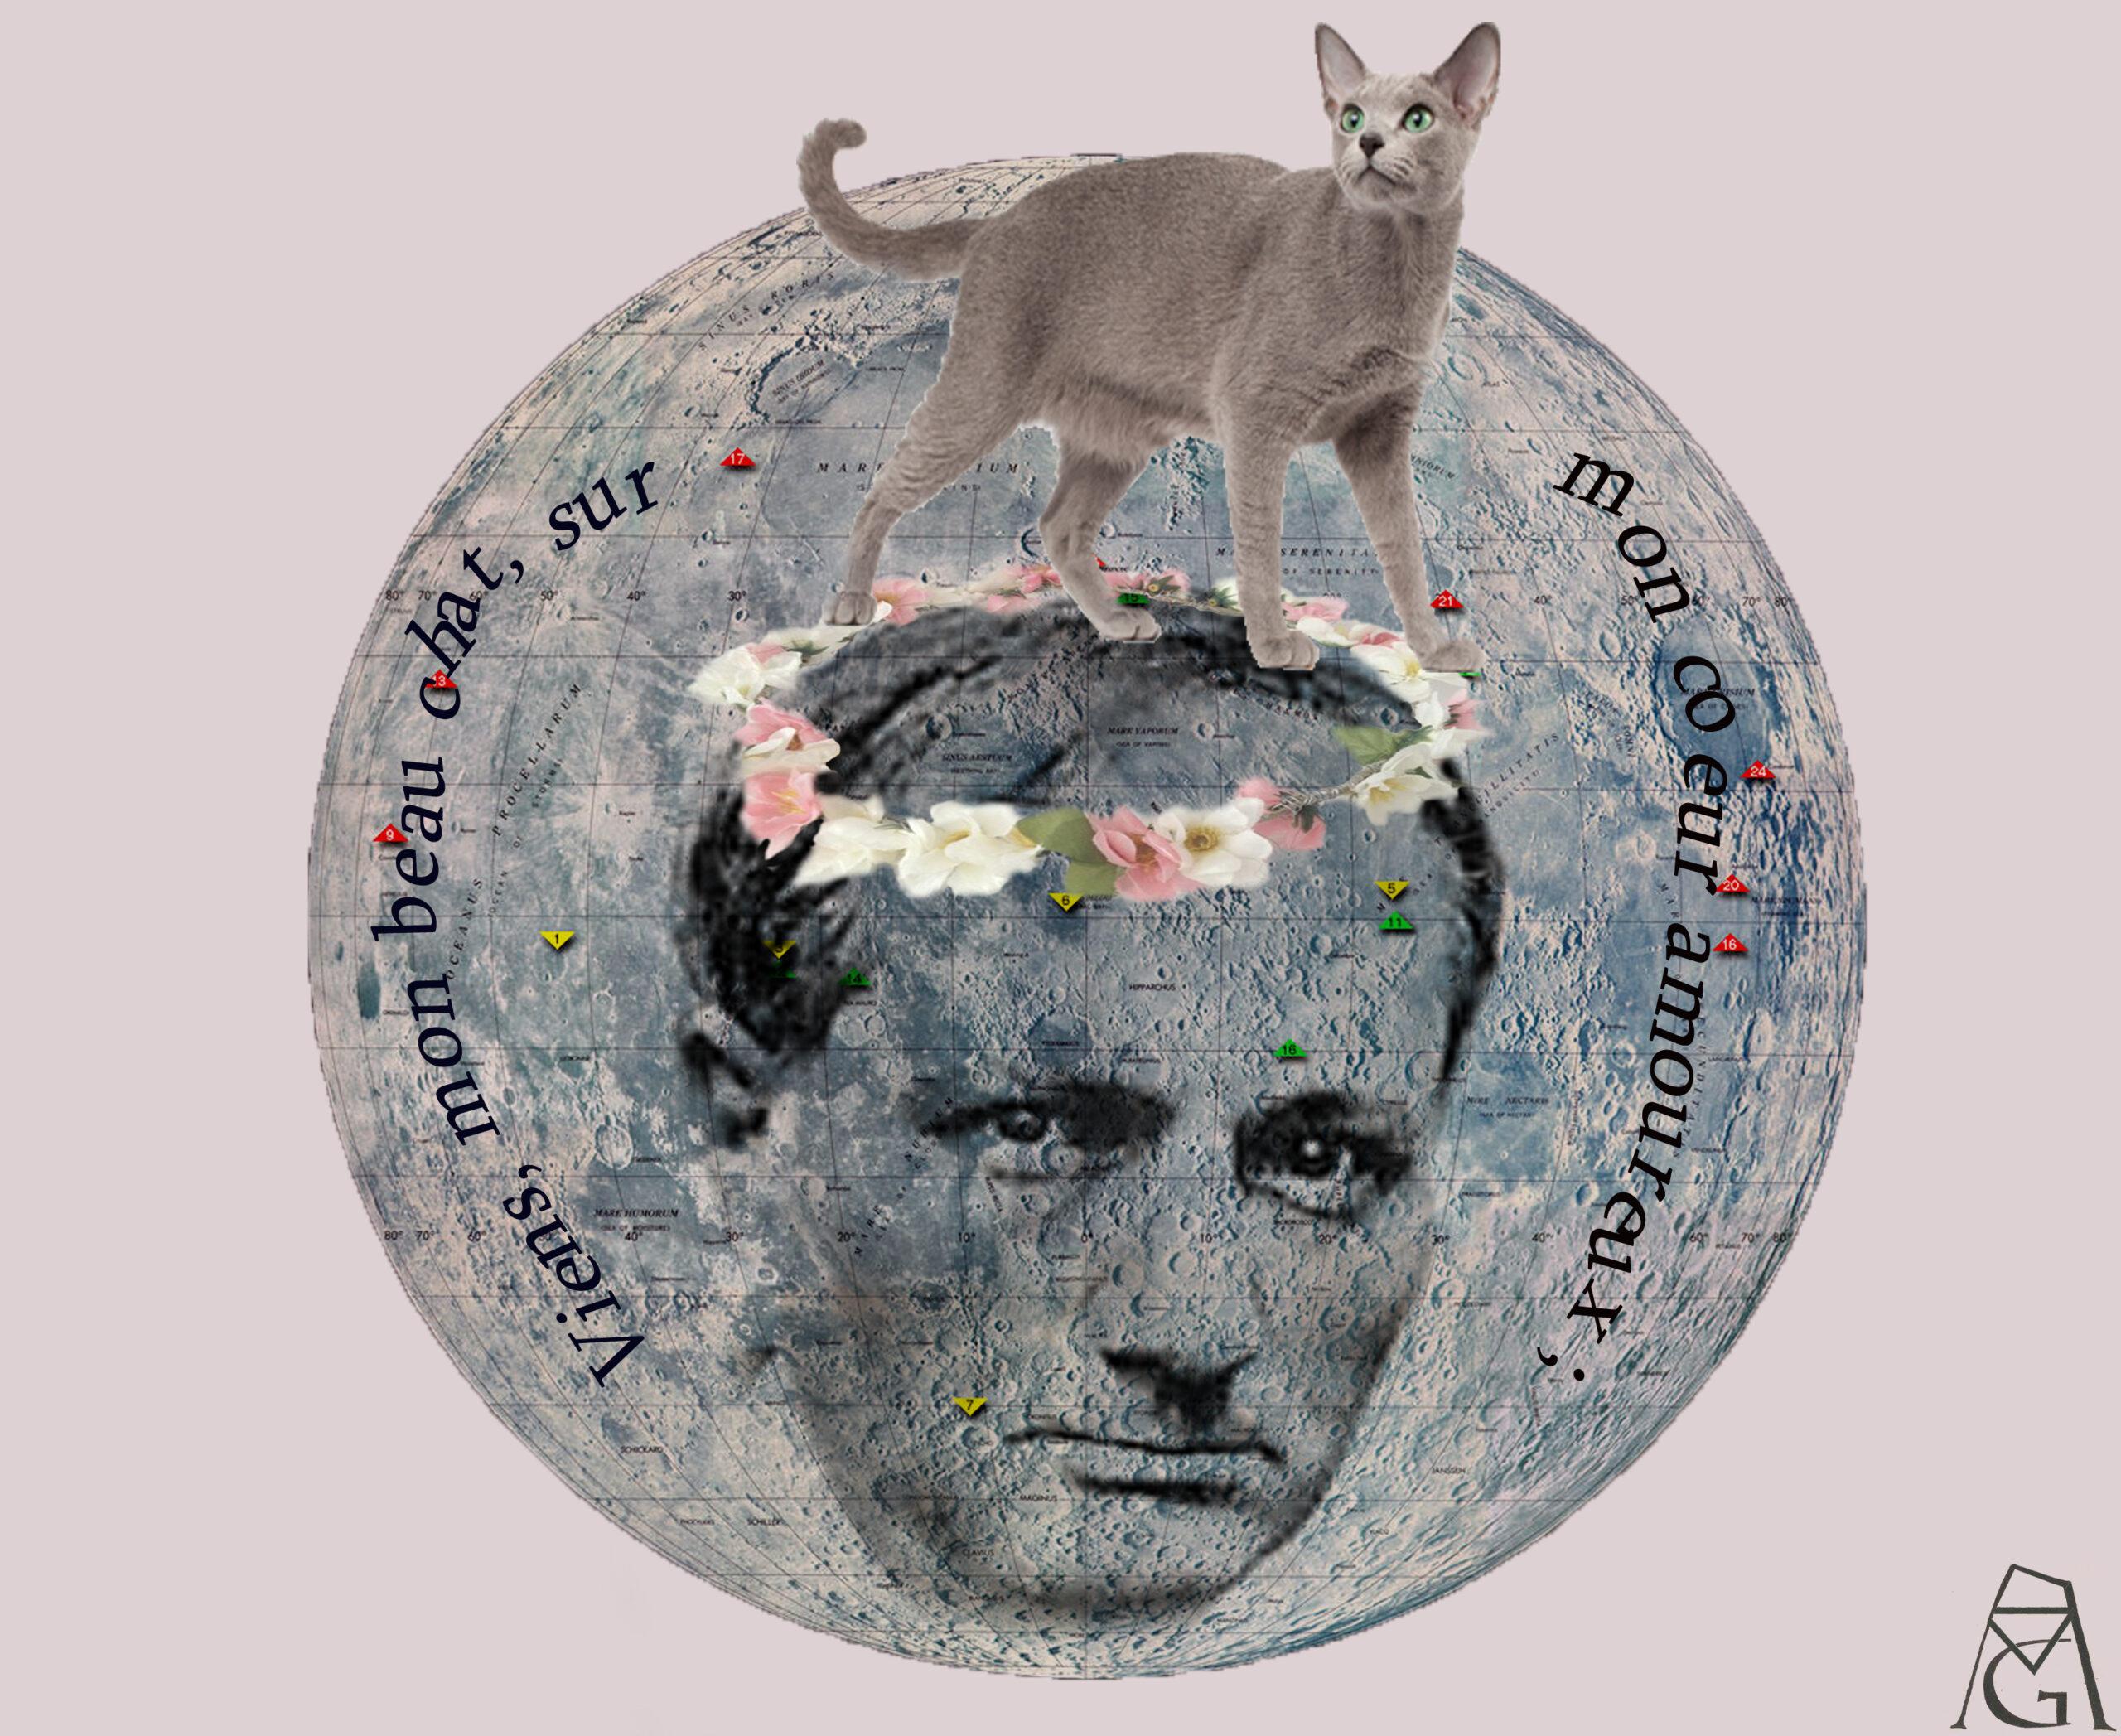 A gata de Baudelaire: breve tentativa de abordar a questão dos direitos dos animais